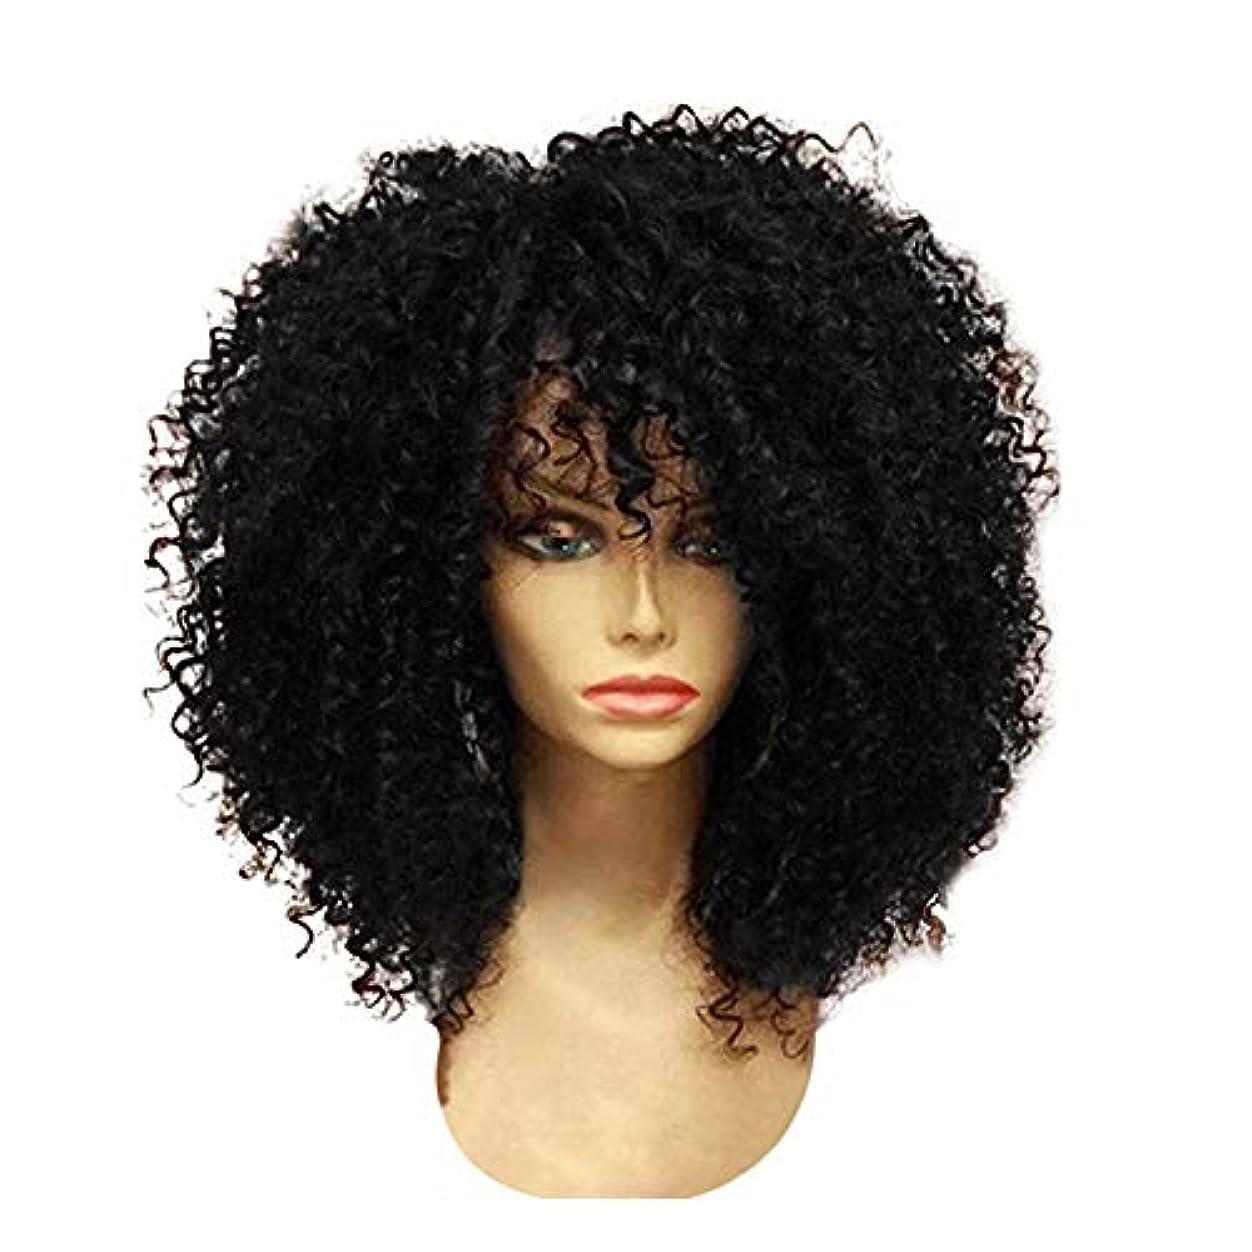 メトロポリタン恥ずかしさスペクトラムYOUQIU 前髪ウィッグ合成ブラックとブラウンかつらと女性ショートのクイック織り合成カーリーウィッグ (色 : 黒, サイズ : 15.7